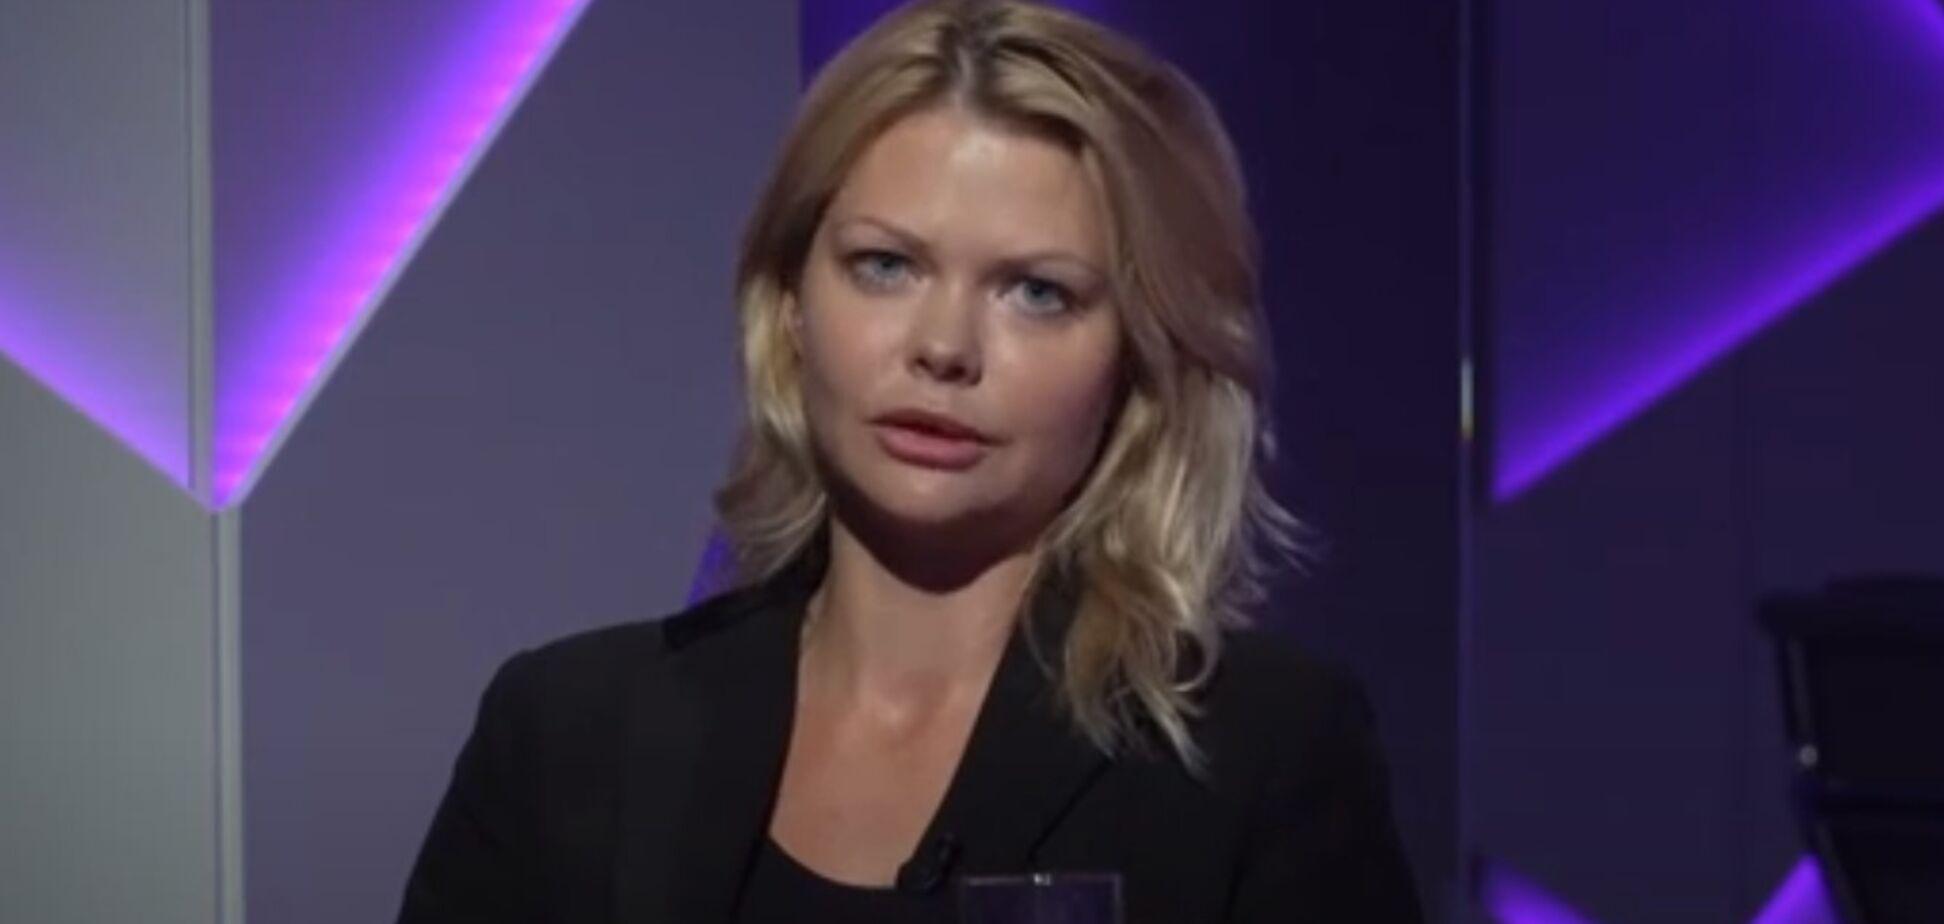 Александра Клитина заявила, что травка лучше алкоголя